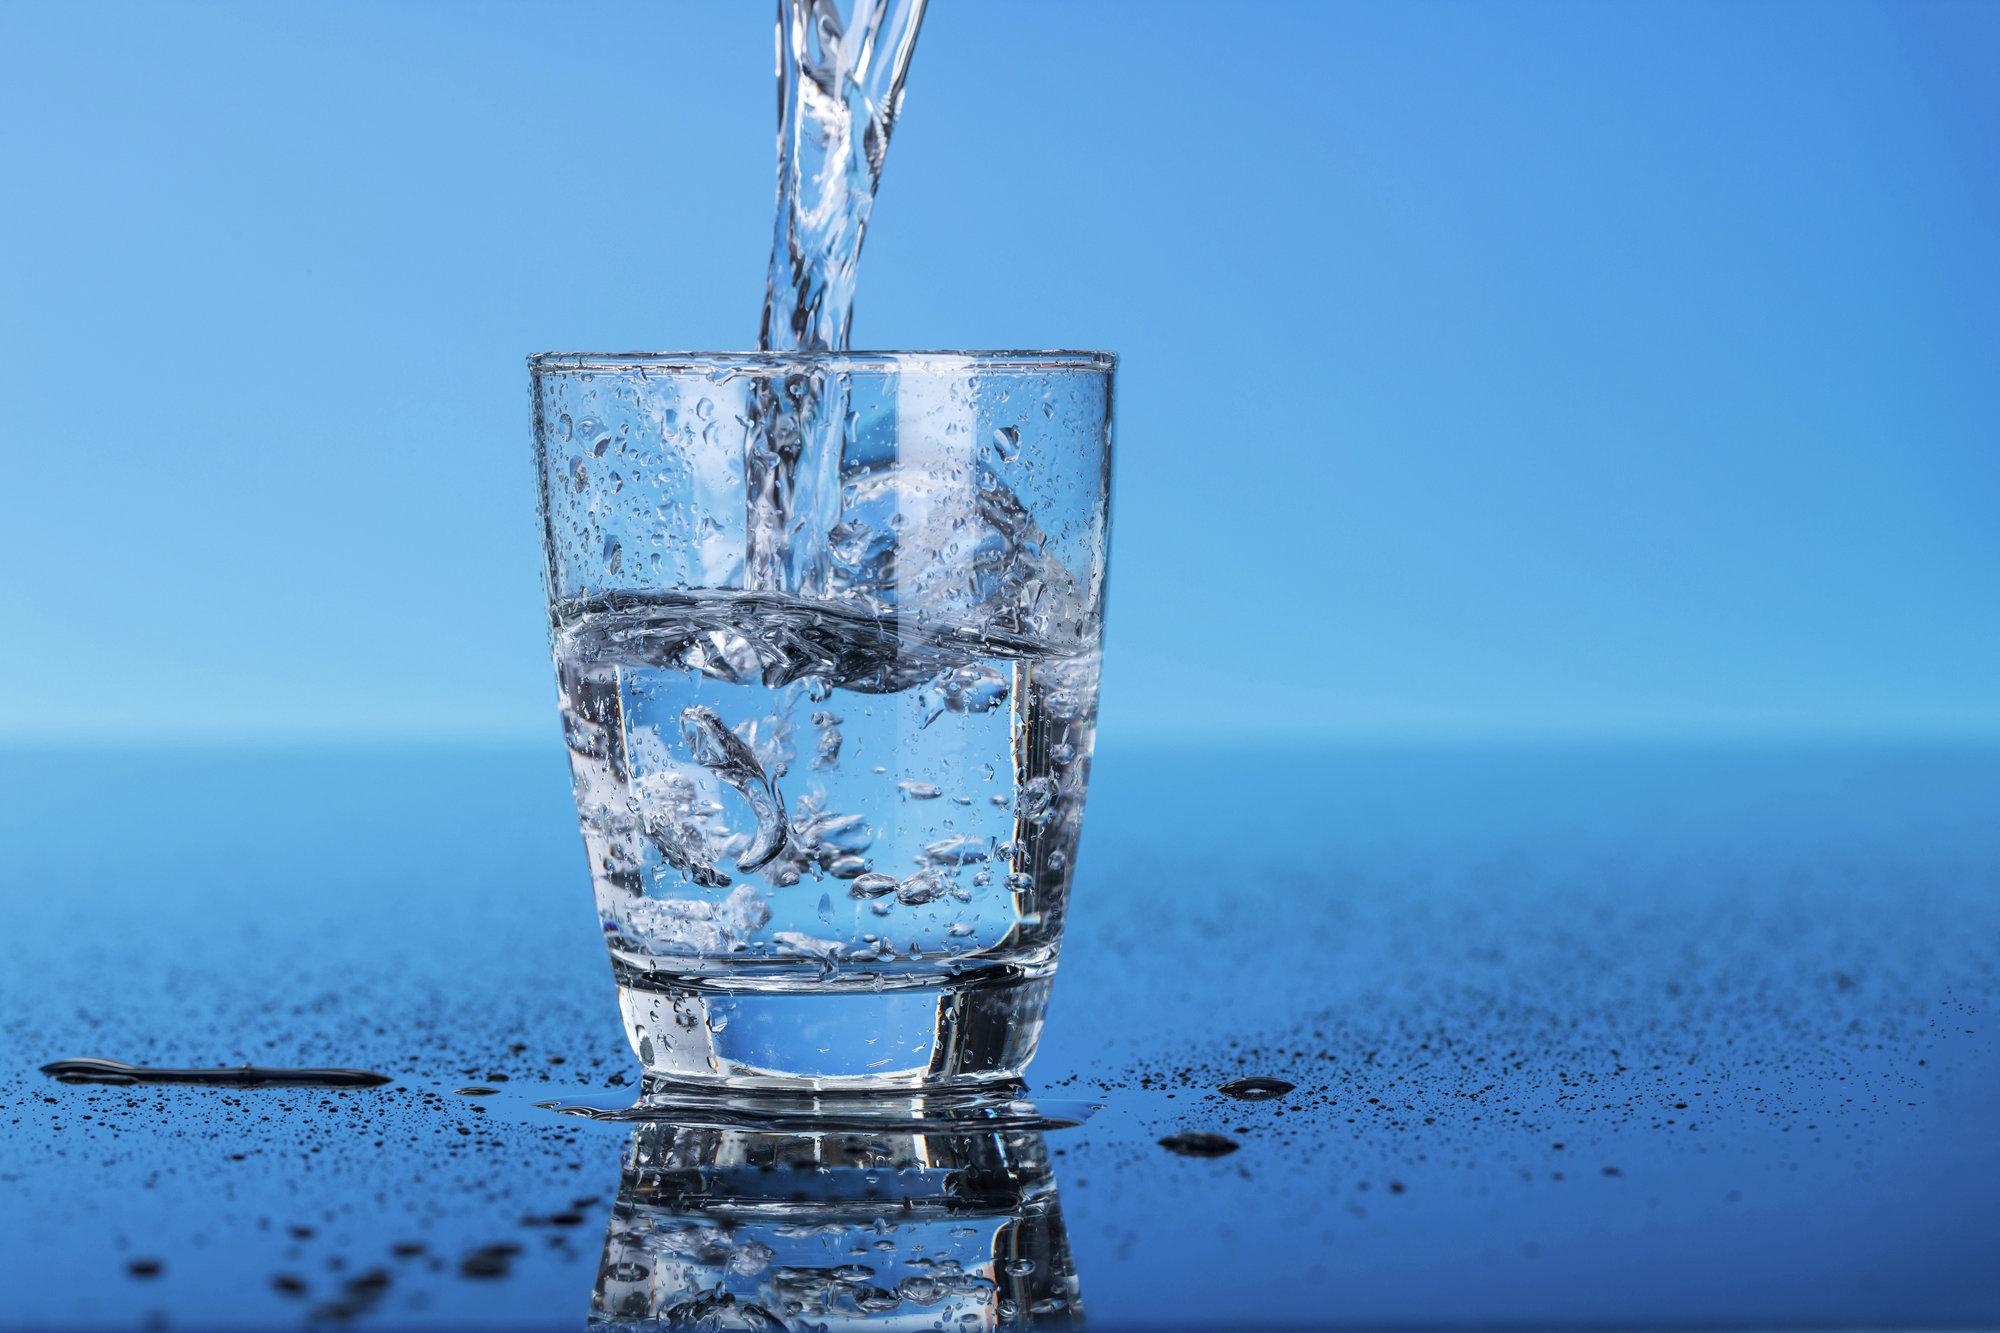 Чистая и мутная вода. Как очистить мутную воду?